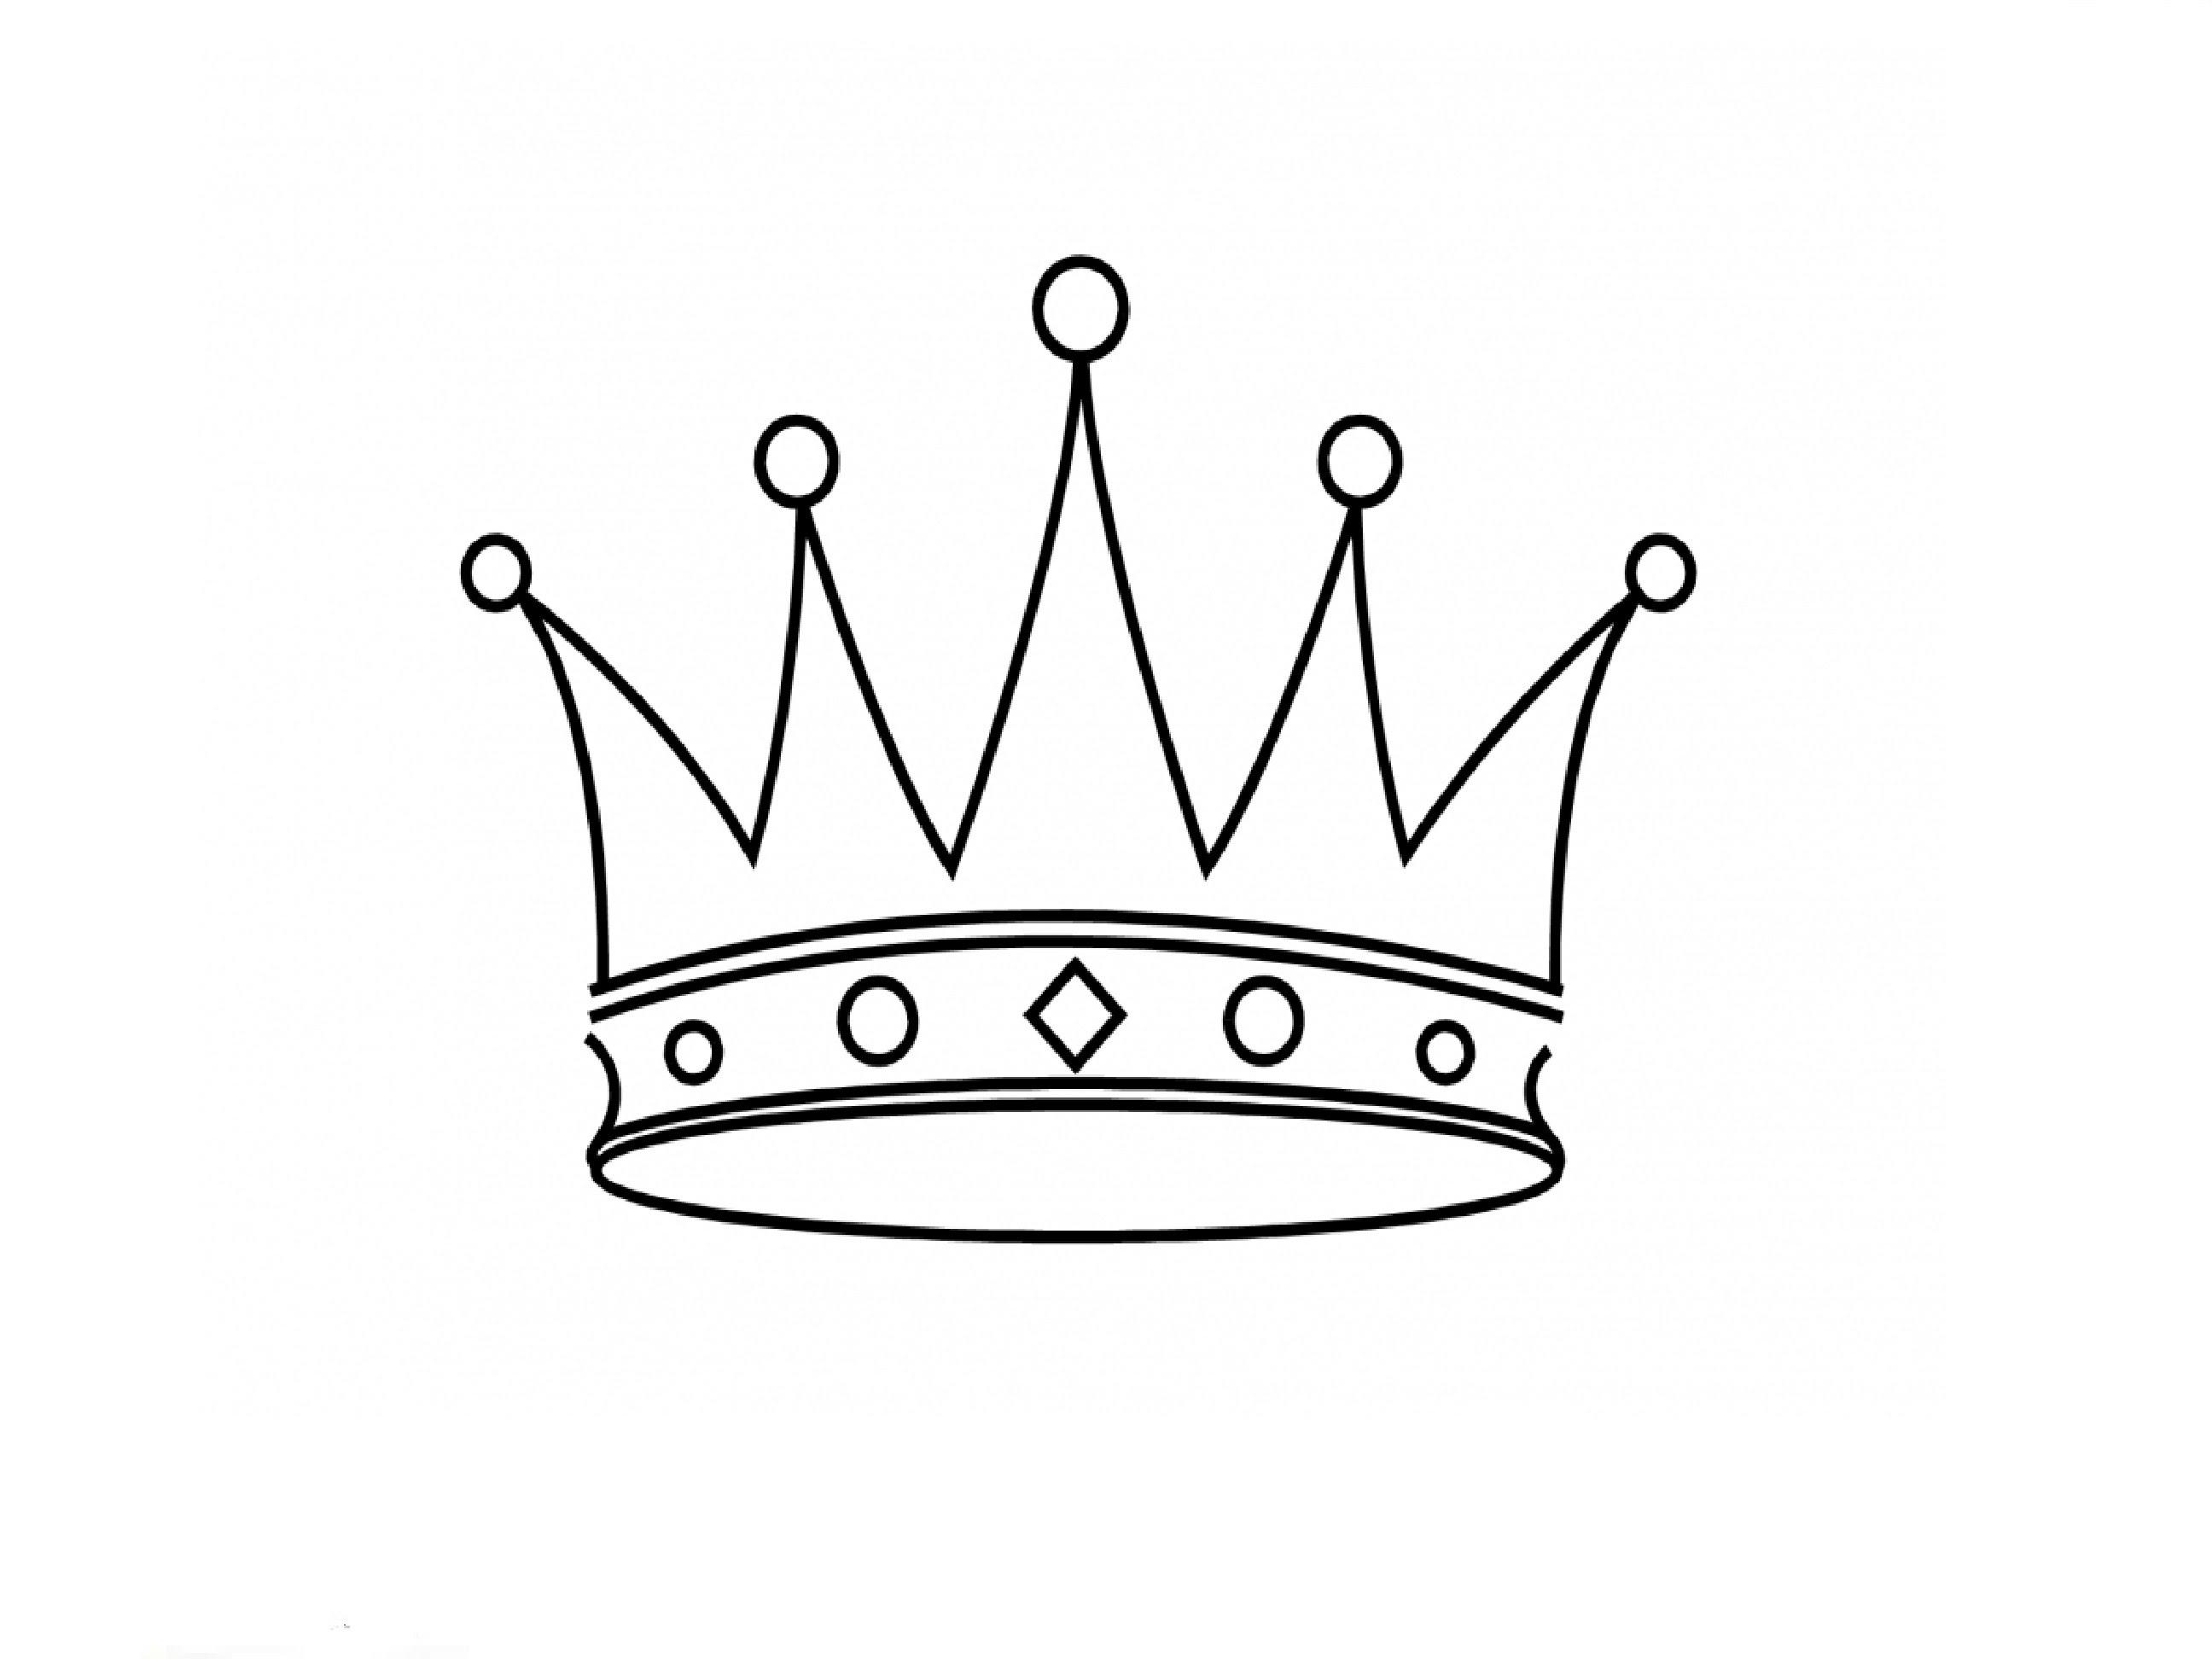 Krone Sketch